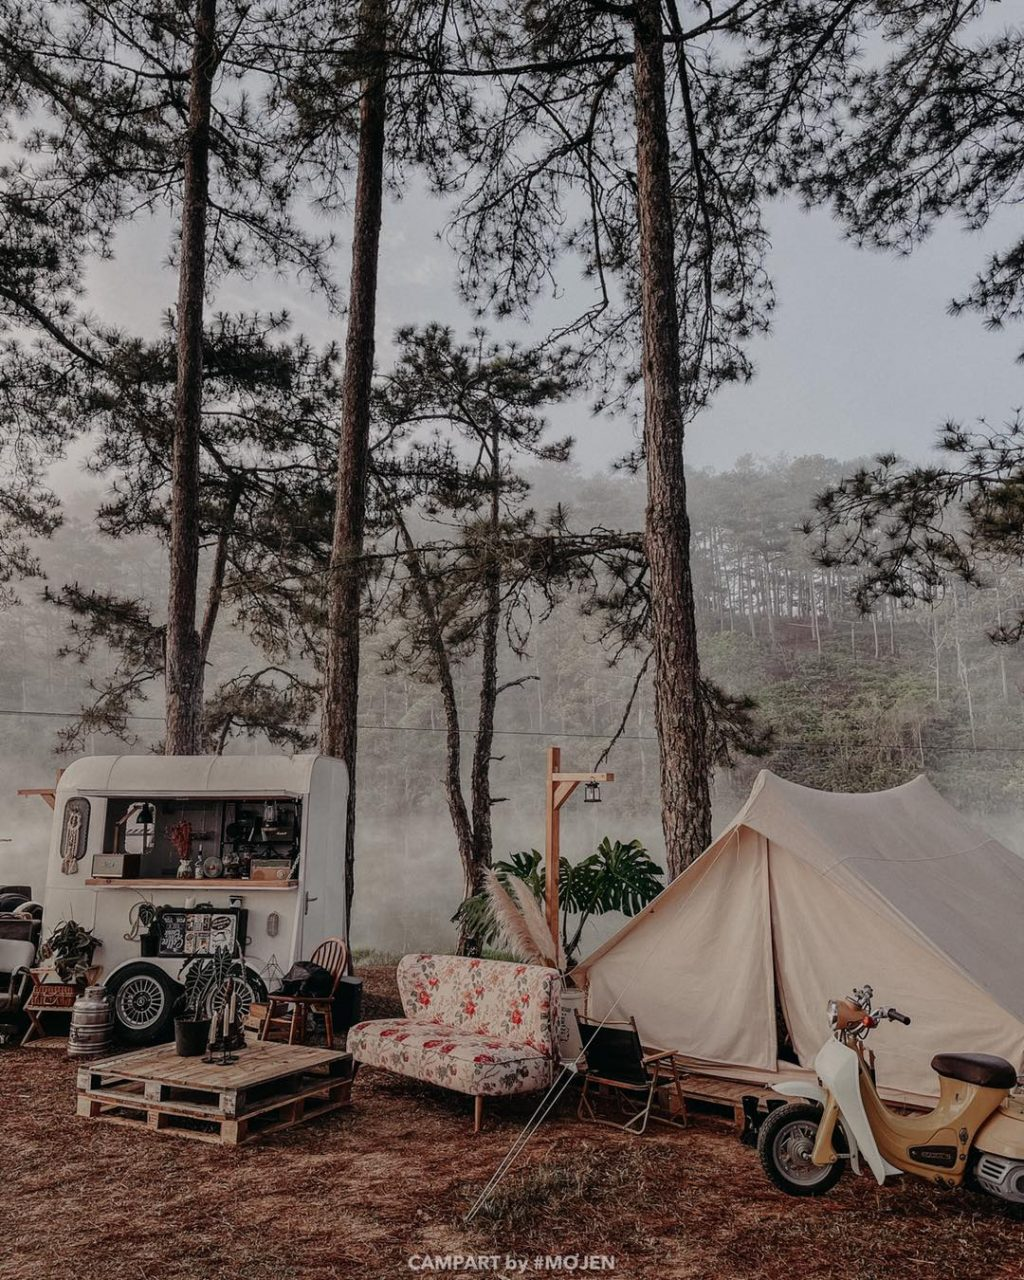 địa điểm campart by mợ jen 2